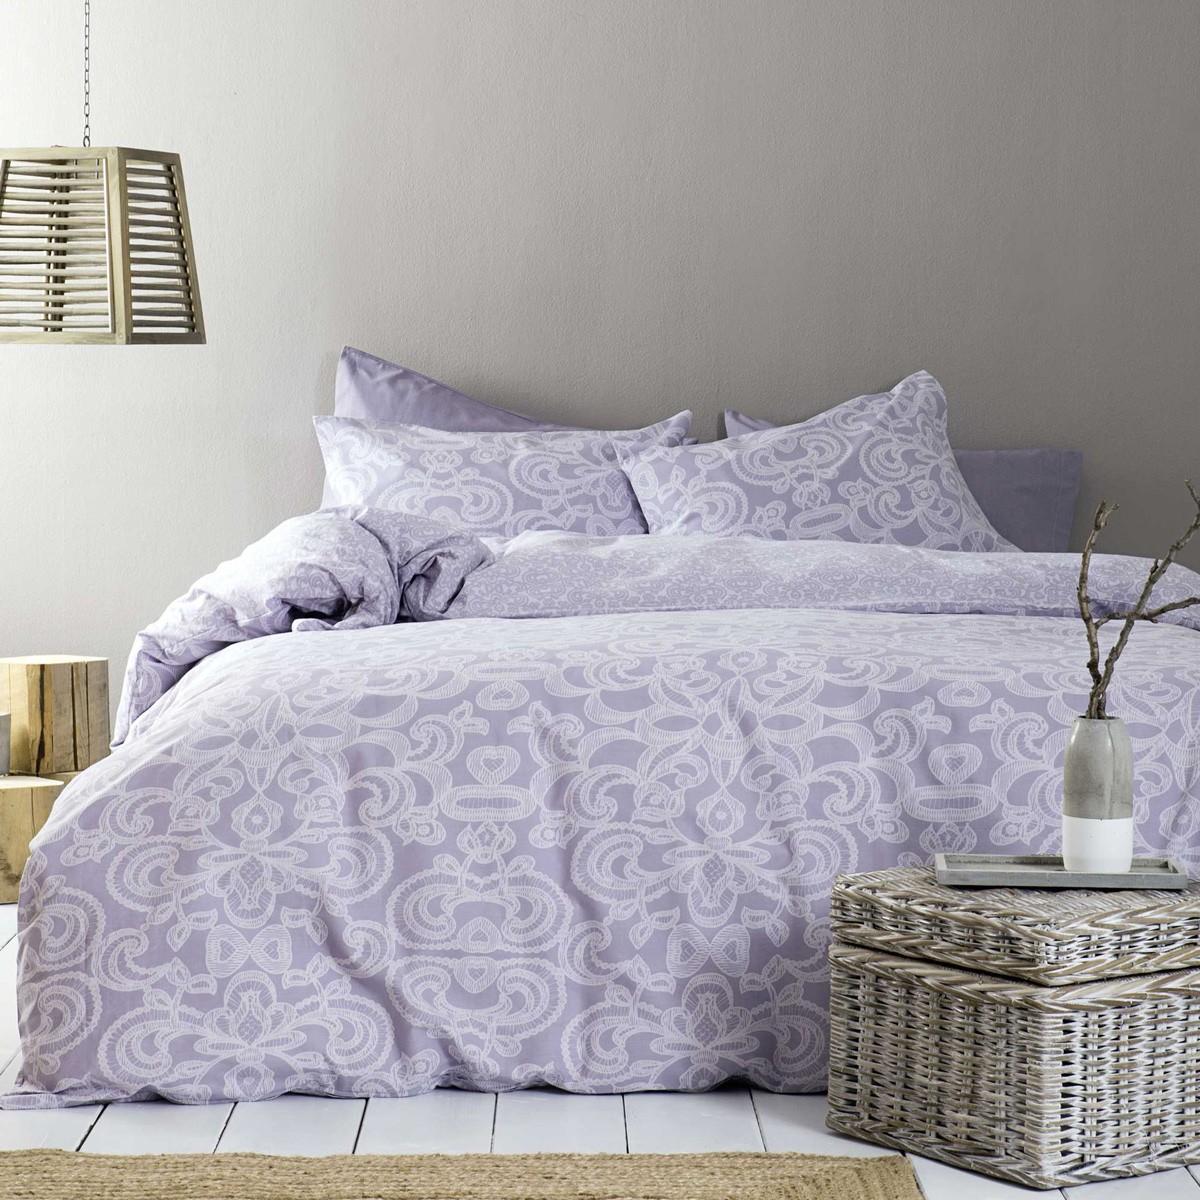 Παπλωματοθήκη Υπέρδιπλη (Σετ) Nima Bed Linen Edita Purple